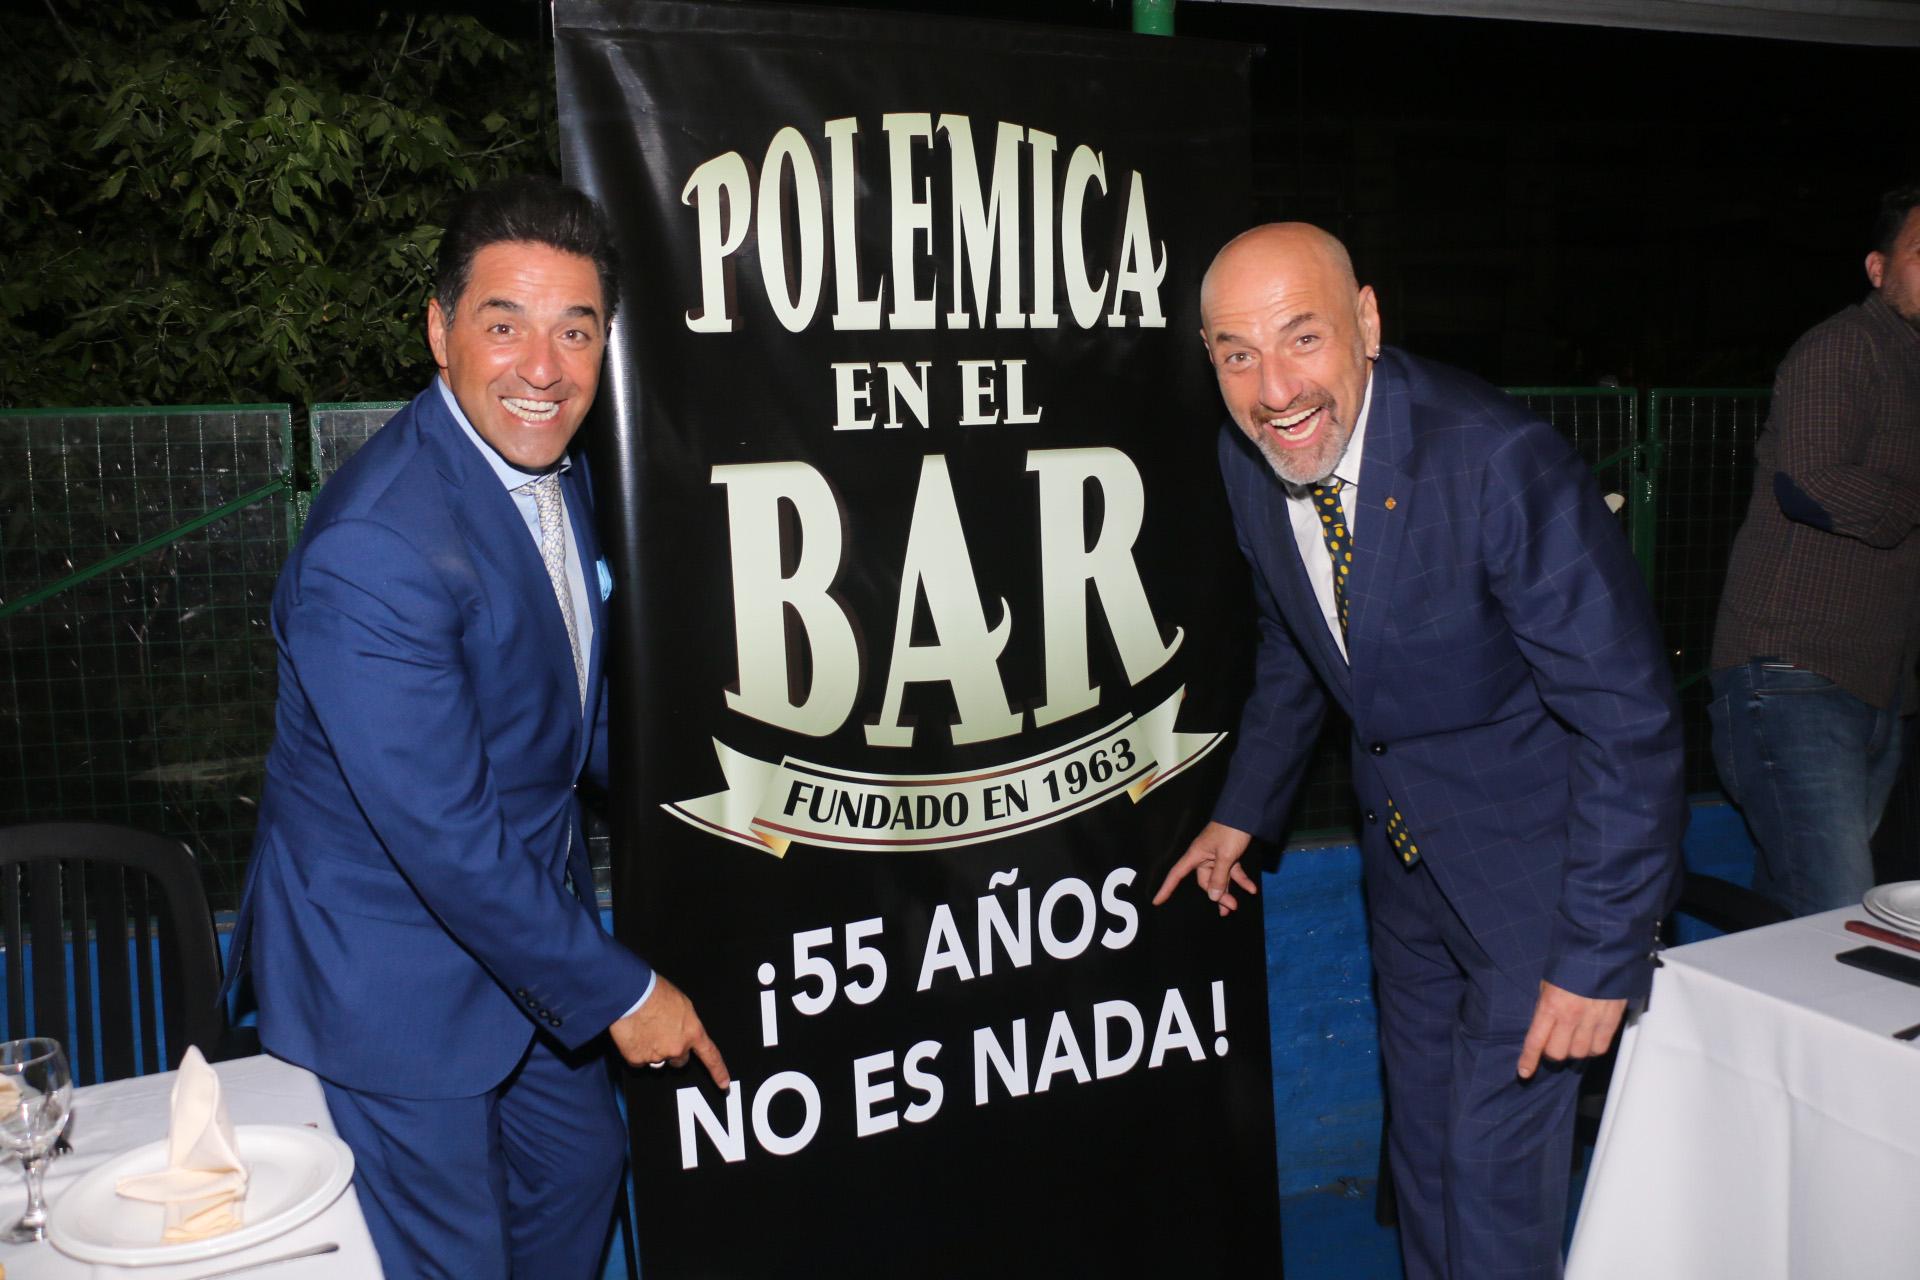 """Gustavo Sofovich y Mariano Iúdica celebraron los 55 años del clásico programa """"Polémica en el bar"""". Por los buenos resultados de este año, el ciclo seguirá por América en 2018 (Vero Guerman)"""